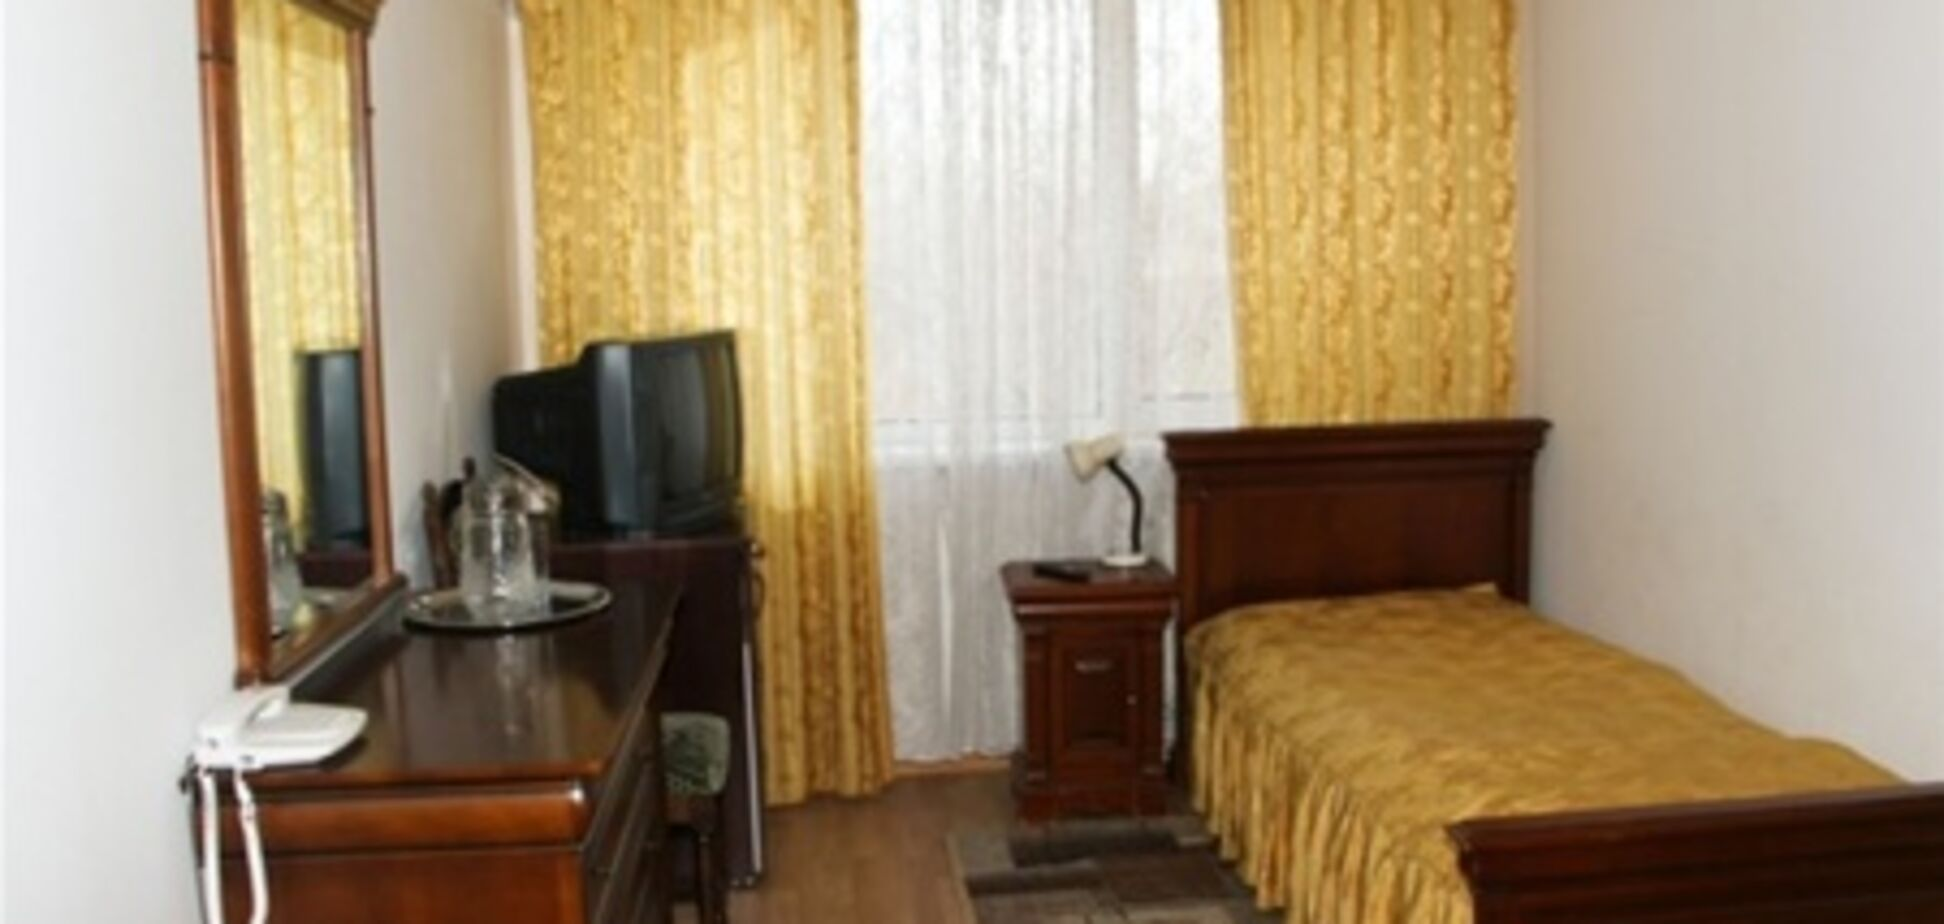 Выбираем отель: критерии, цены, условия